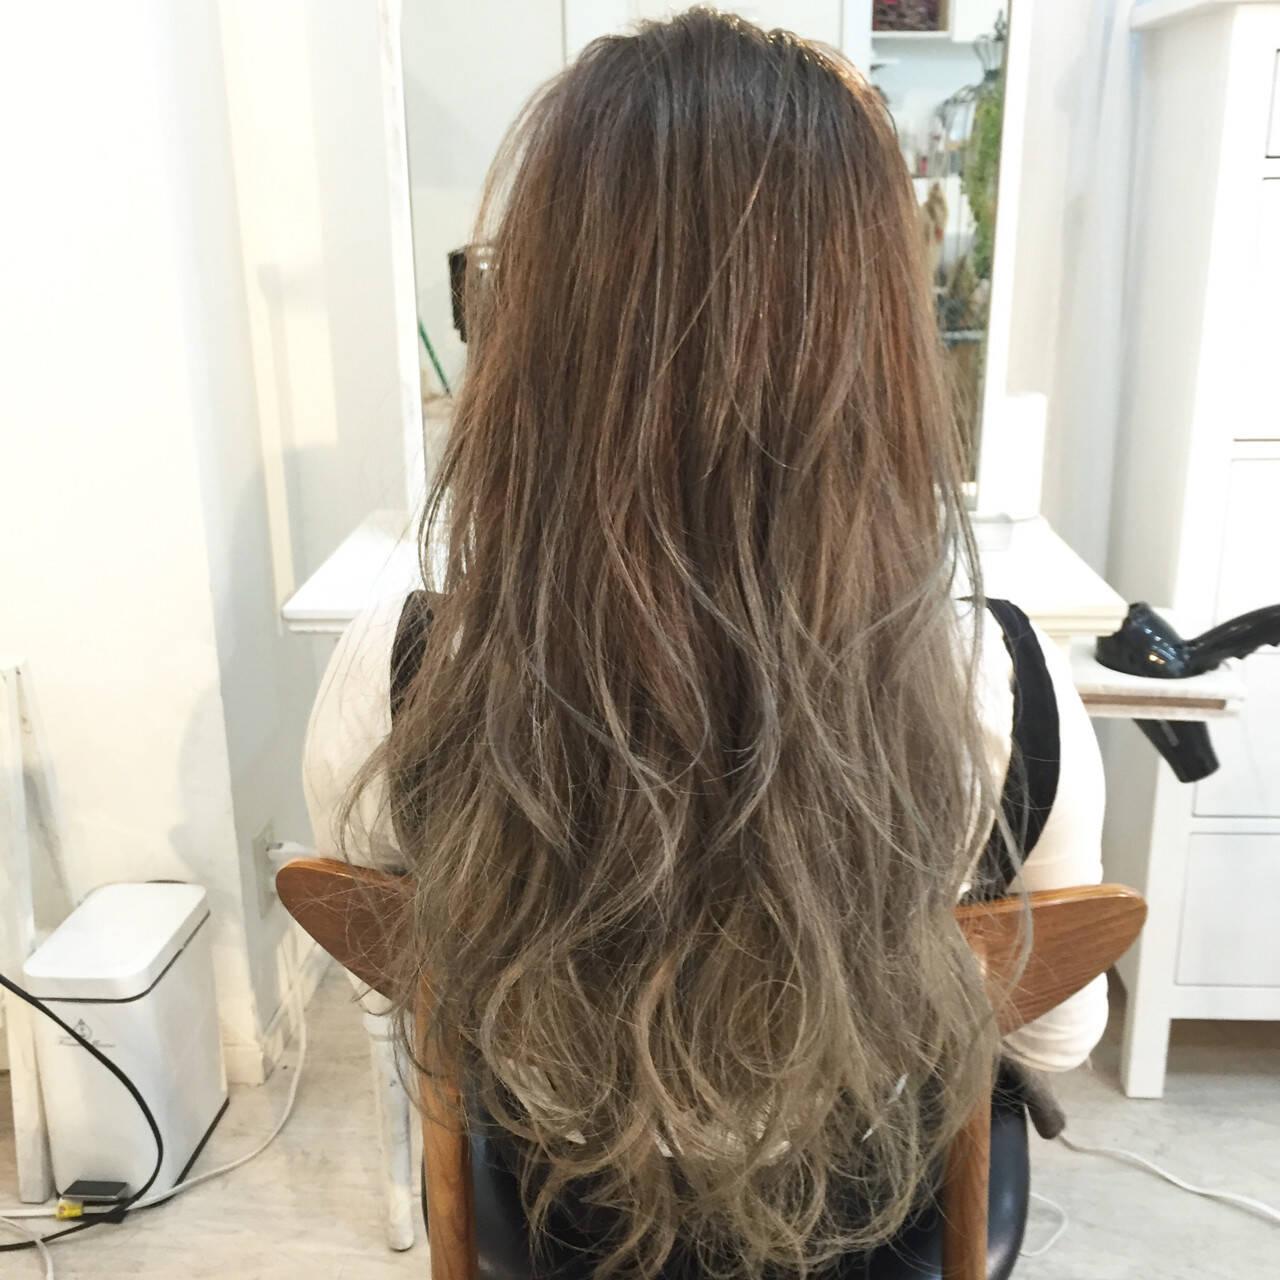 モテ髪 グラデーションカラー 外国人風 ロングヘアスタイルや髪型の写真・画像